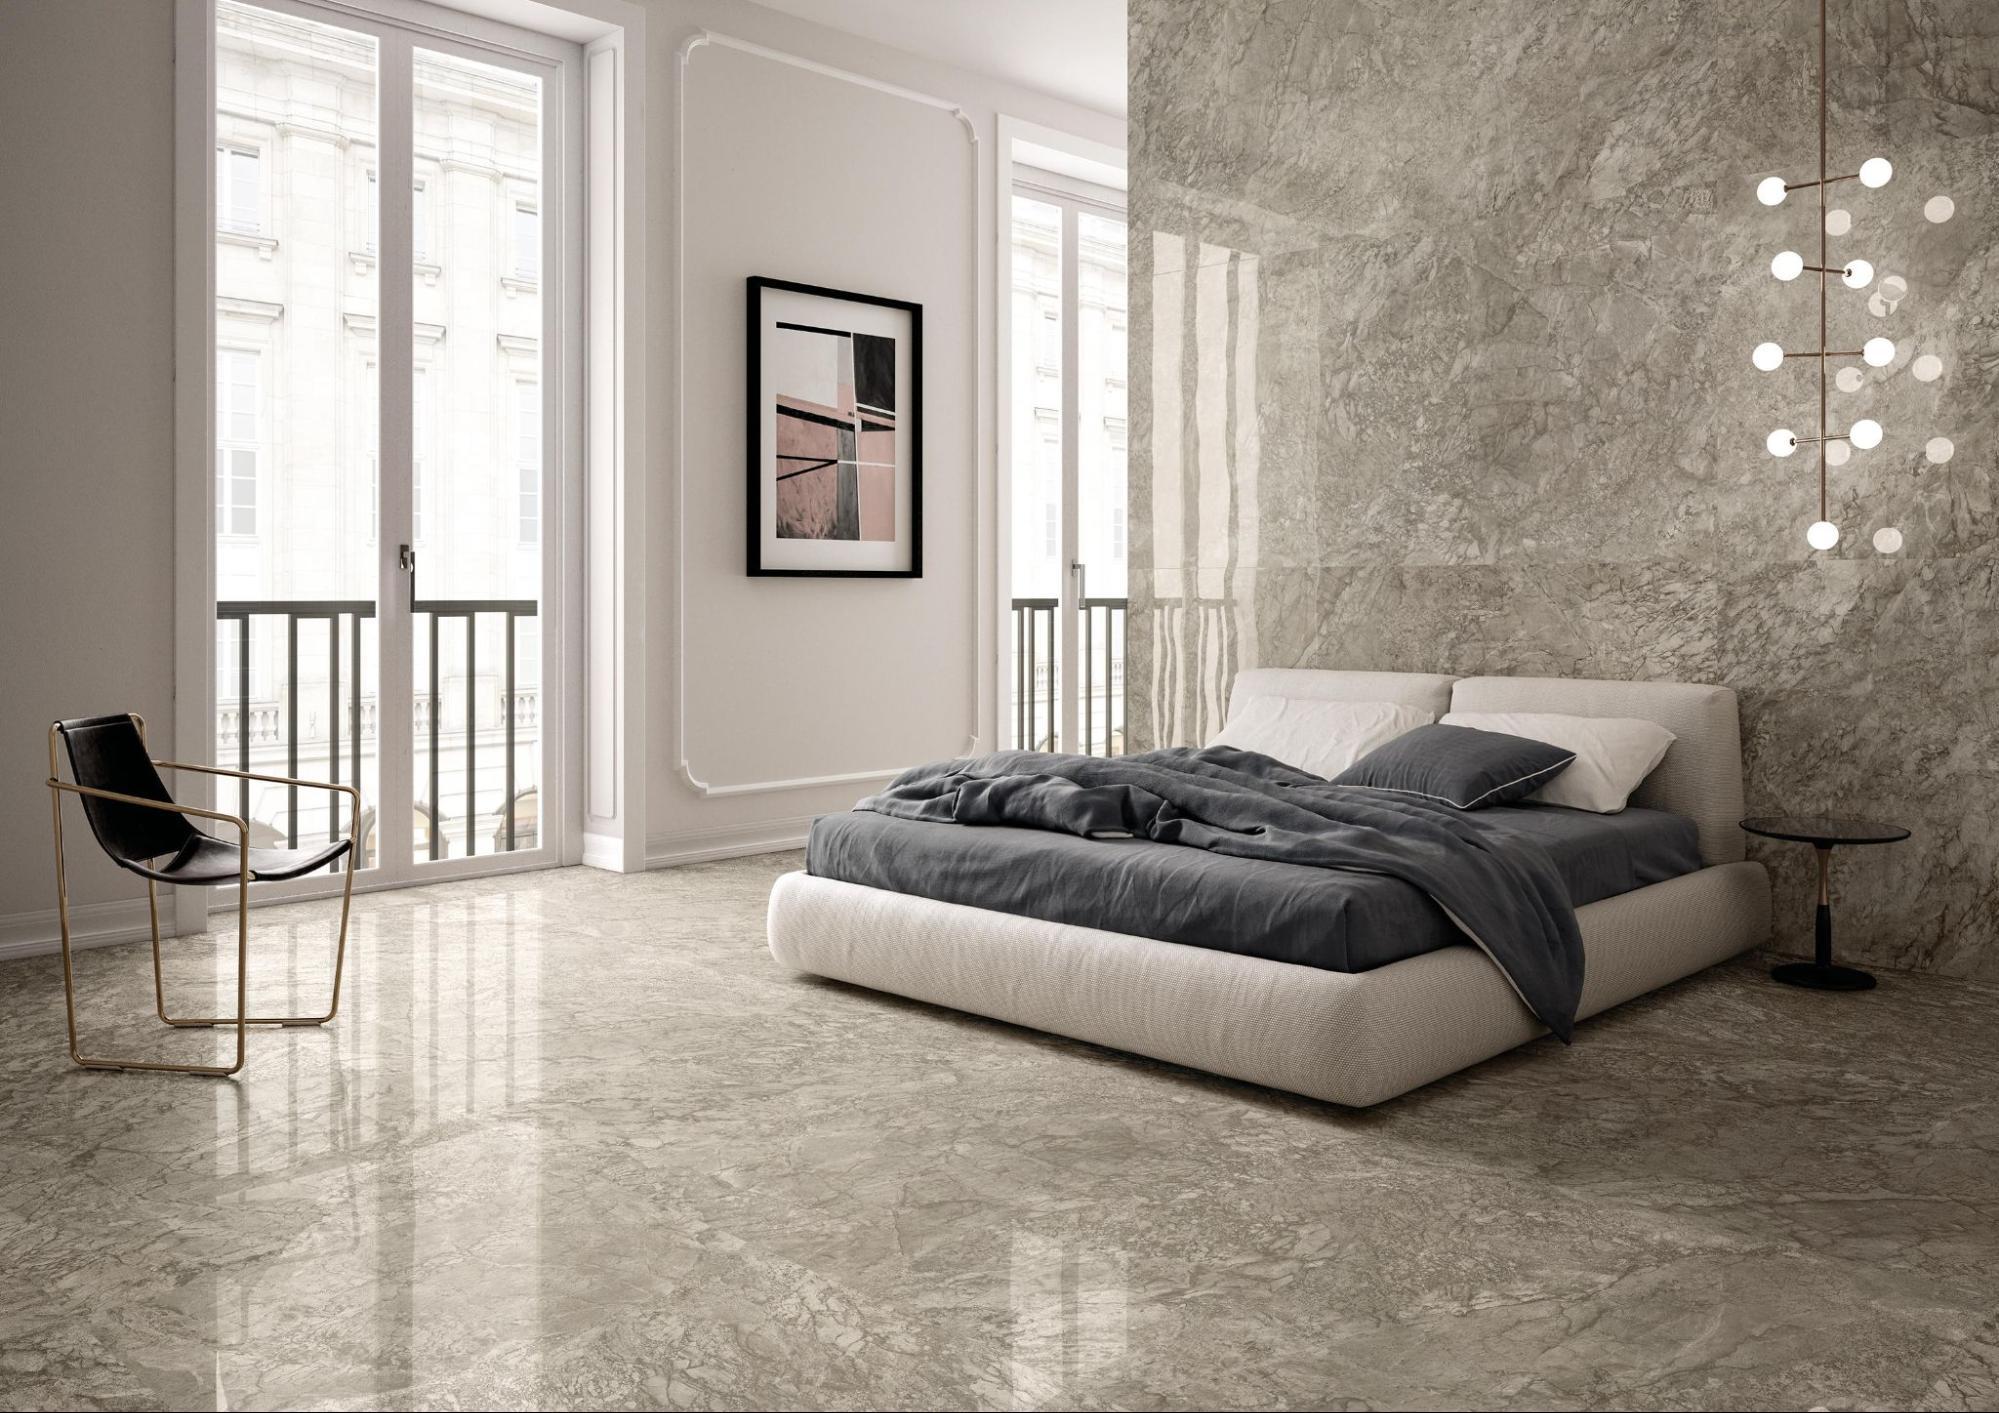 Breccia Marble Slab In Bedroom